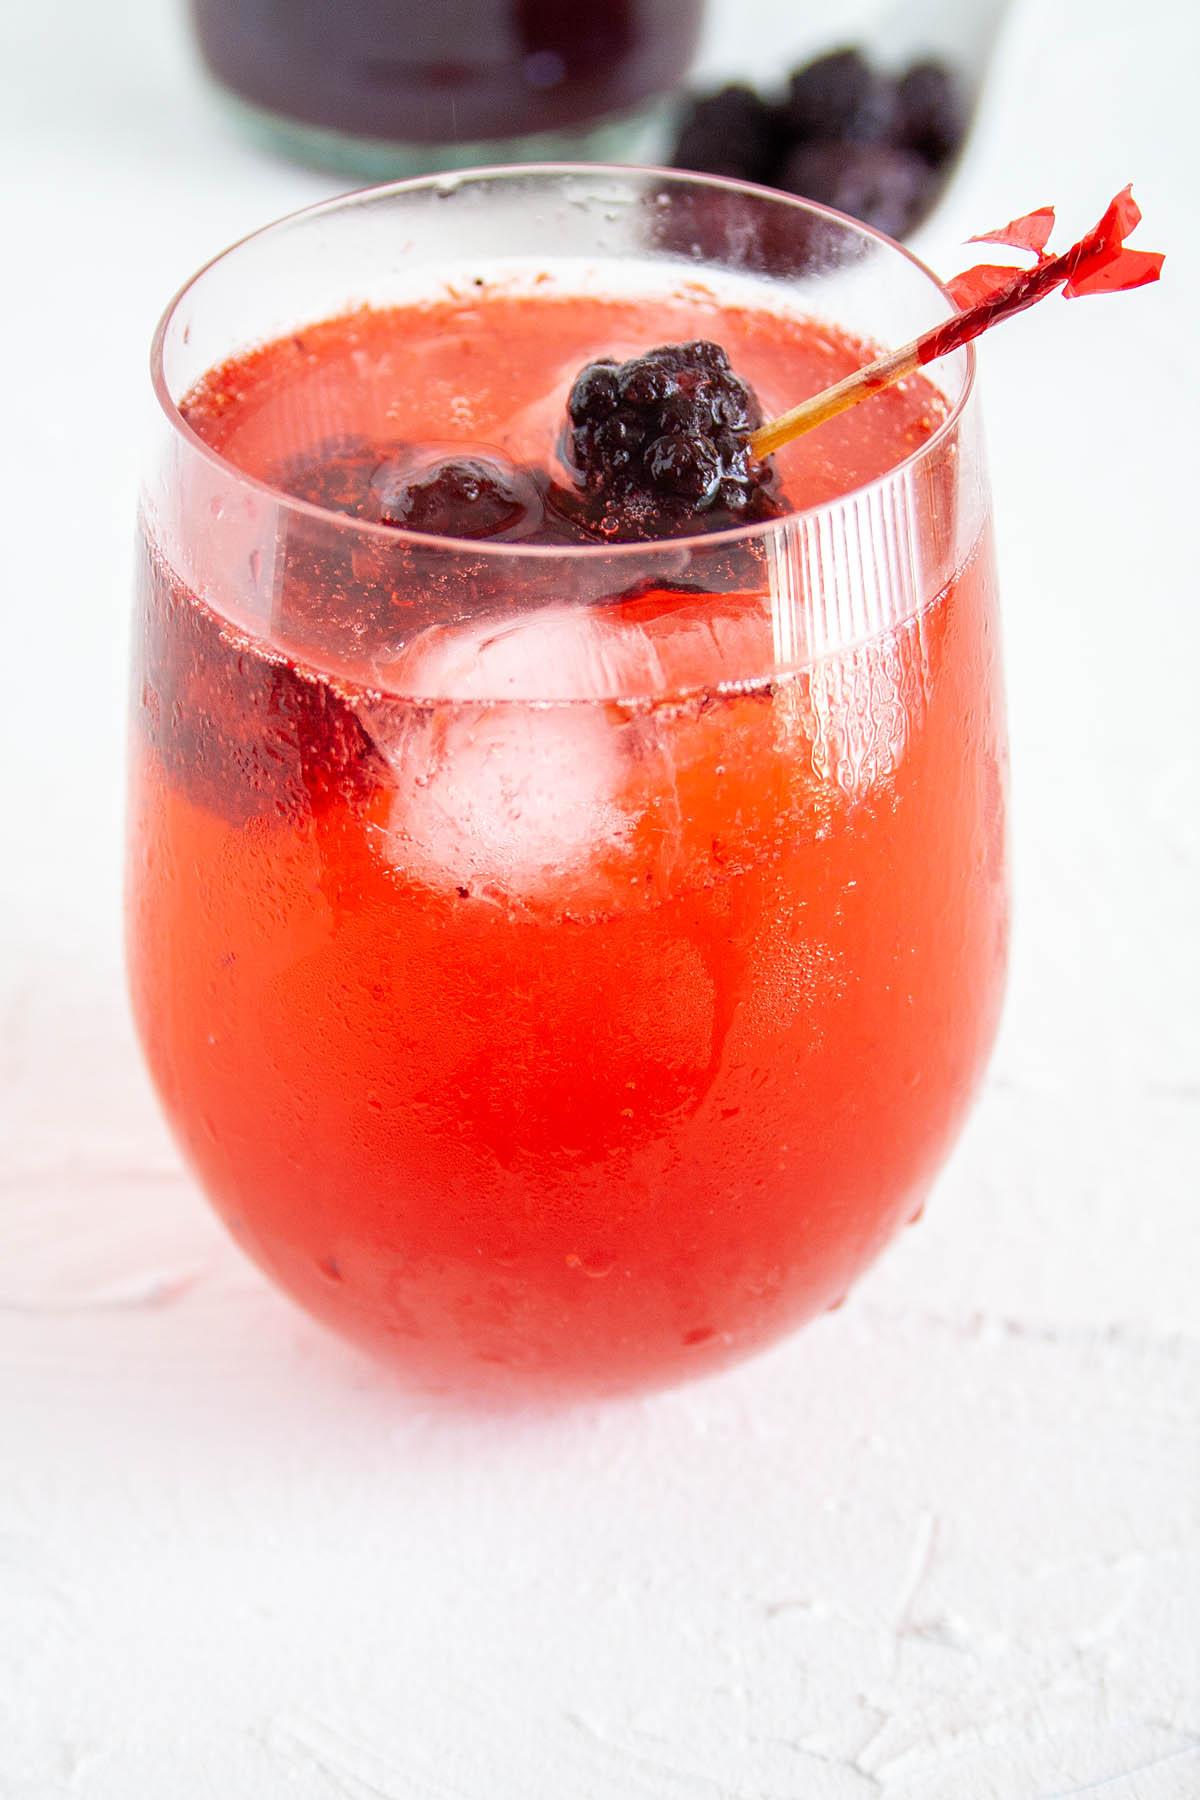 Blackberry Shrub with club soda in wine glass.